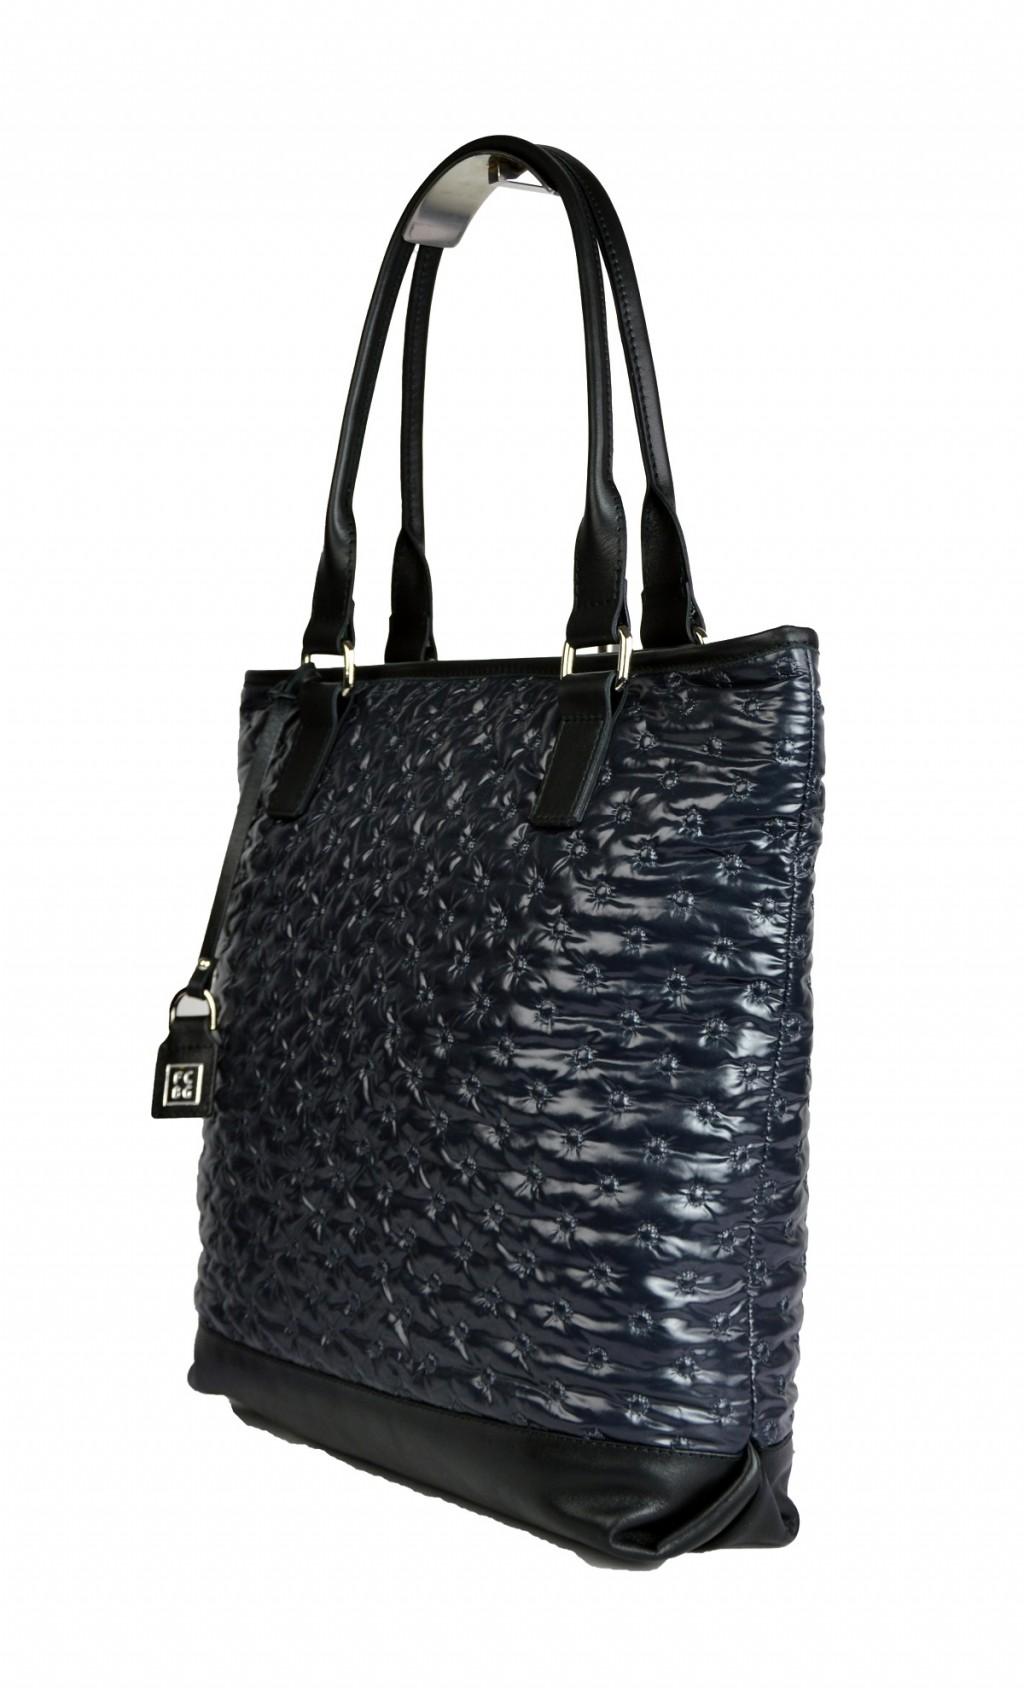 Dámská látková kabelka FACEBAG JANA - Černá lesk látka + kůže